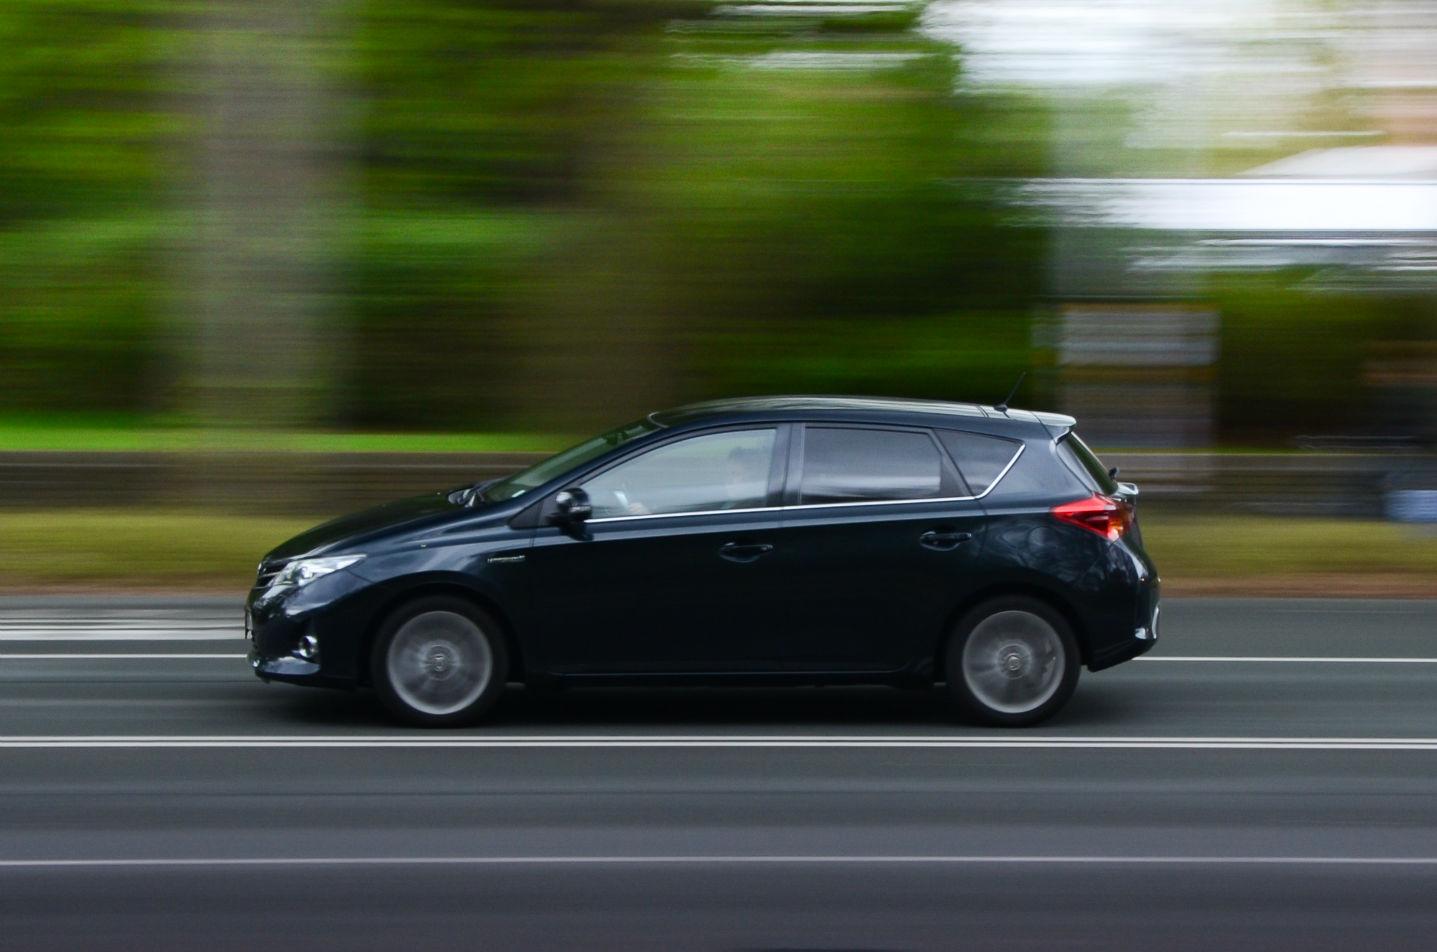 Cu l es el mejor mes para comprar un coche cuenta facto - Asegurar coche un mes ...